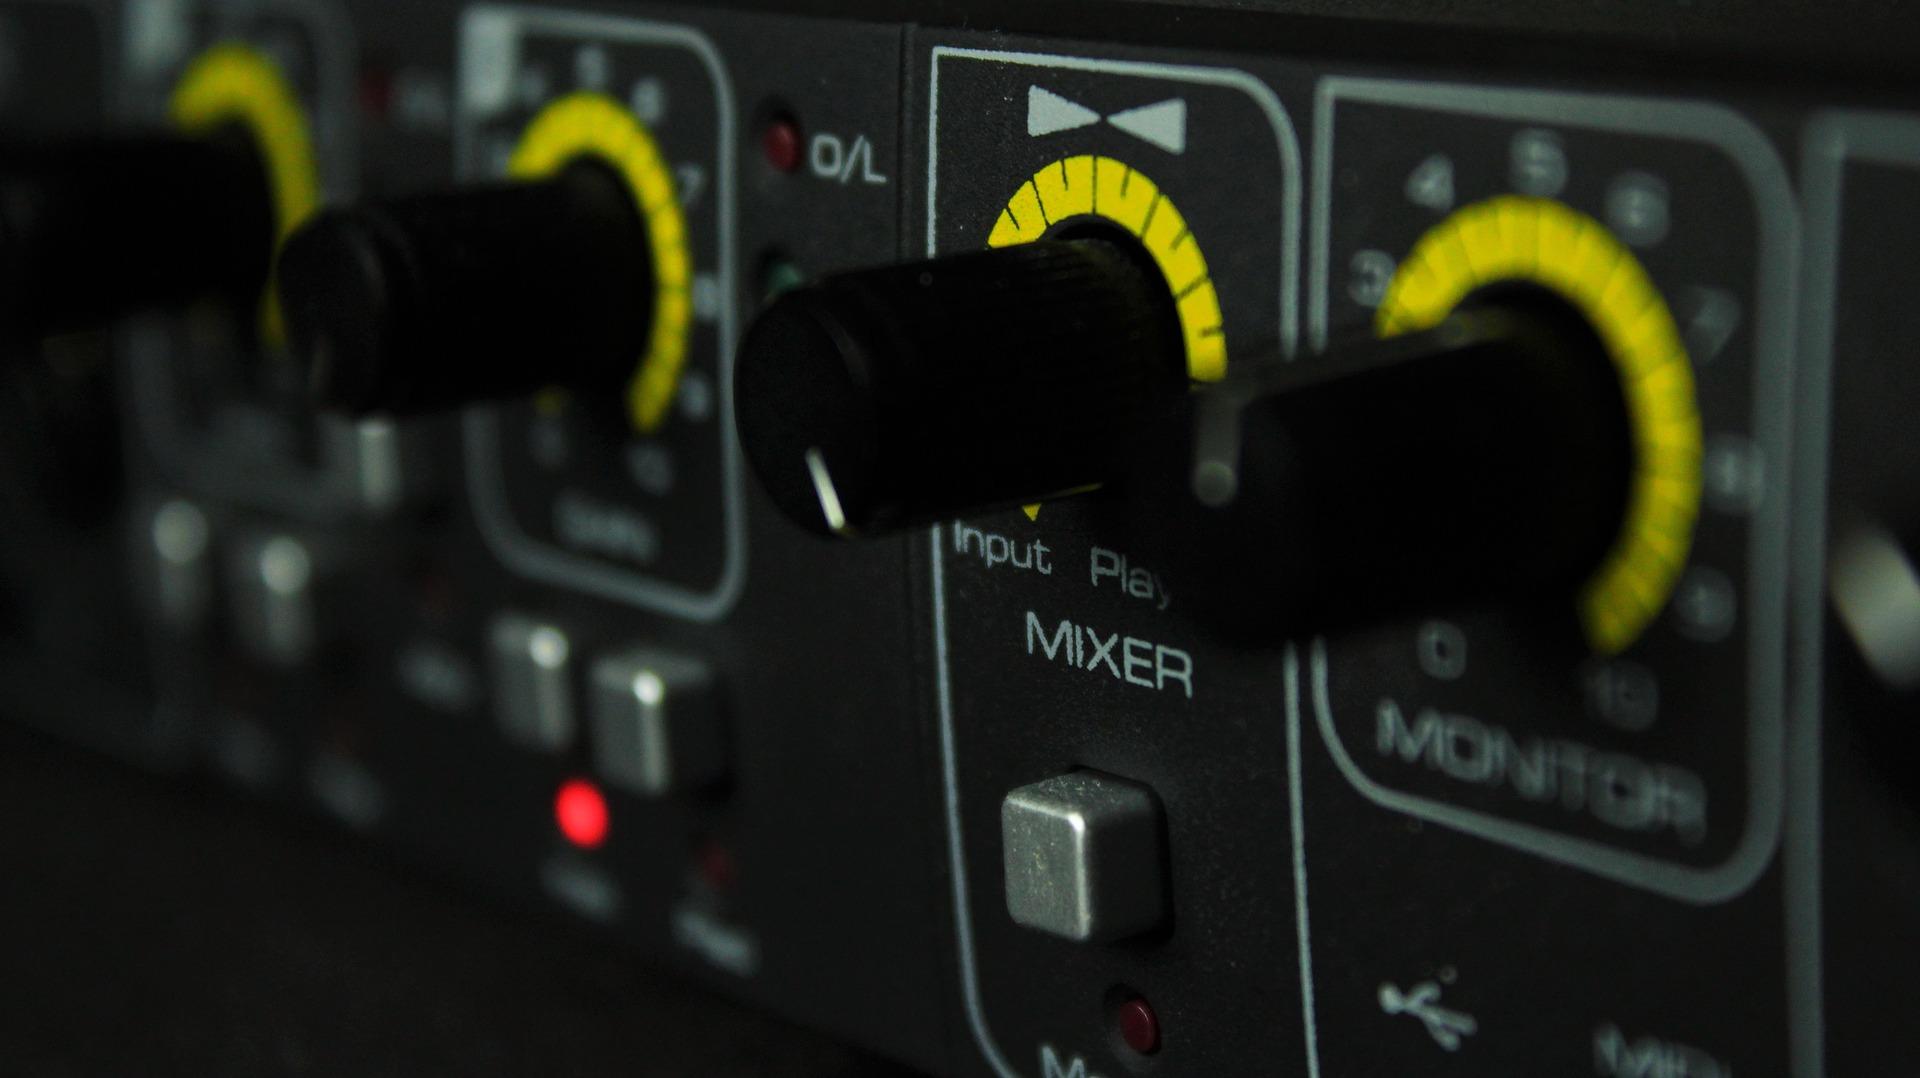 mixer buttons